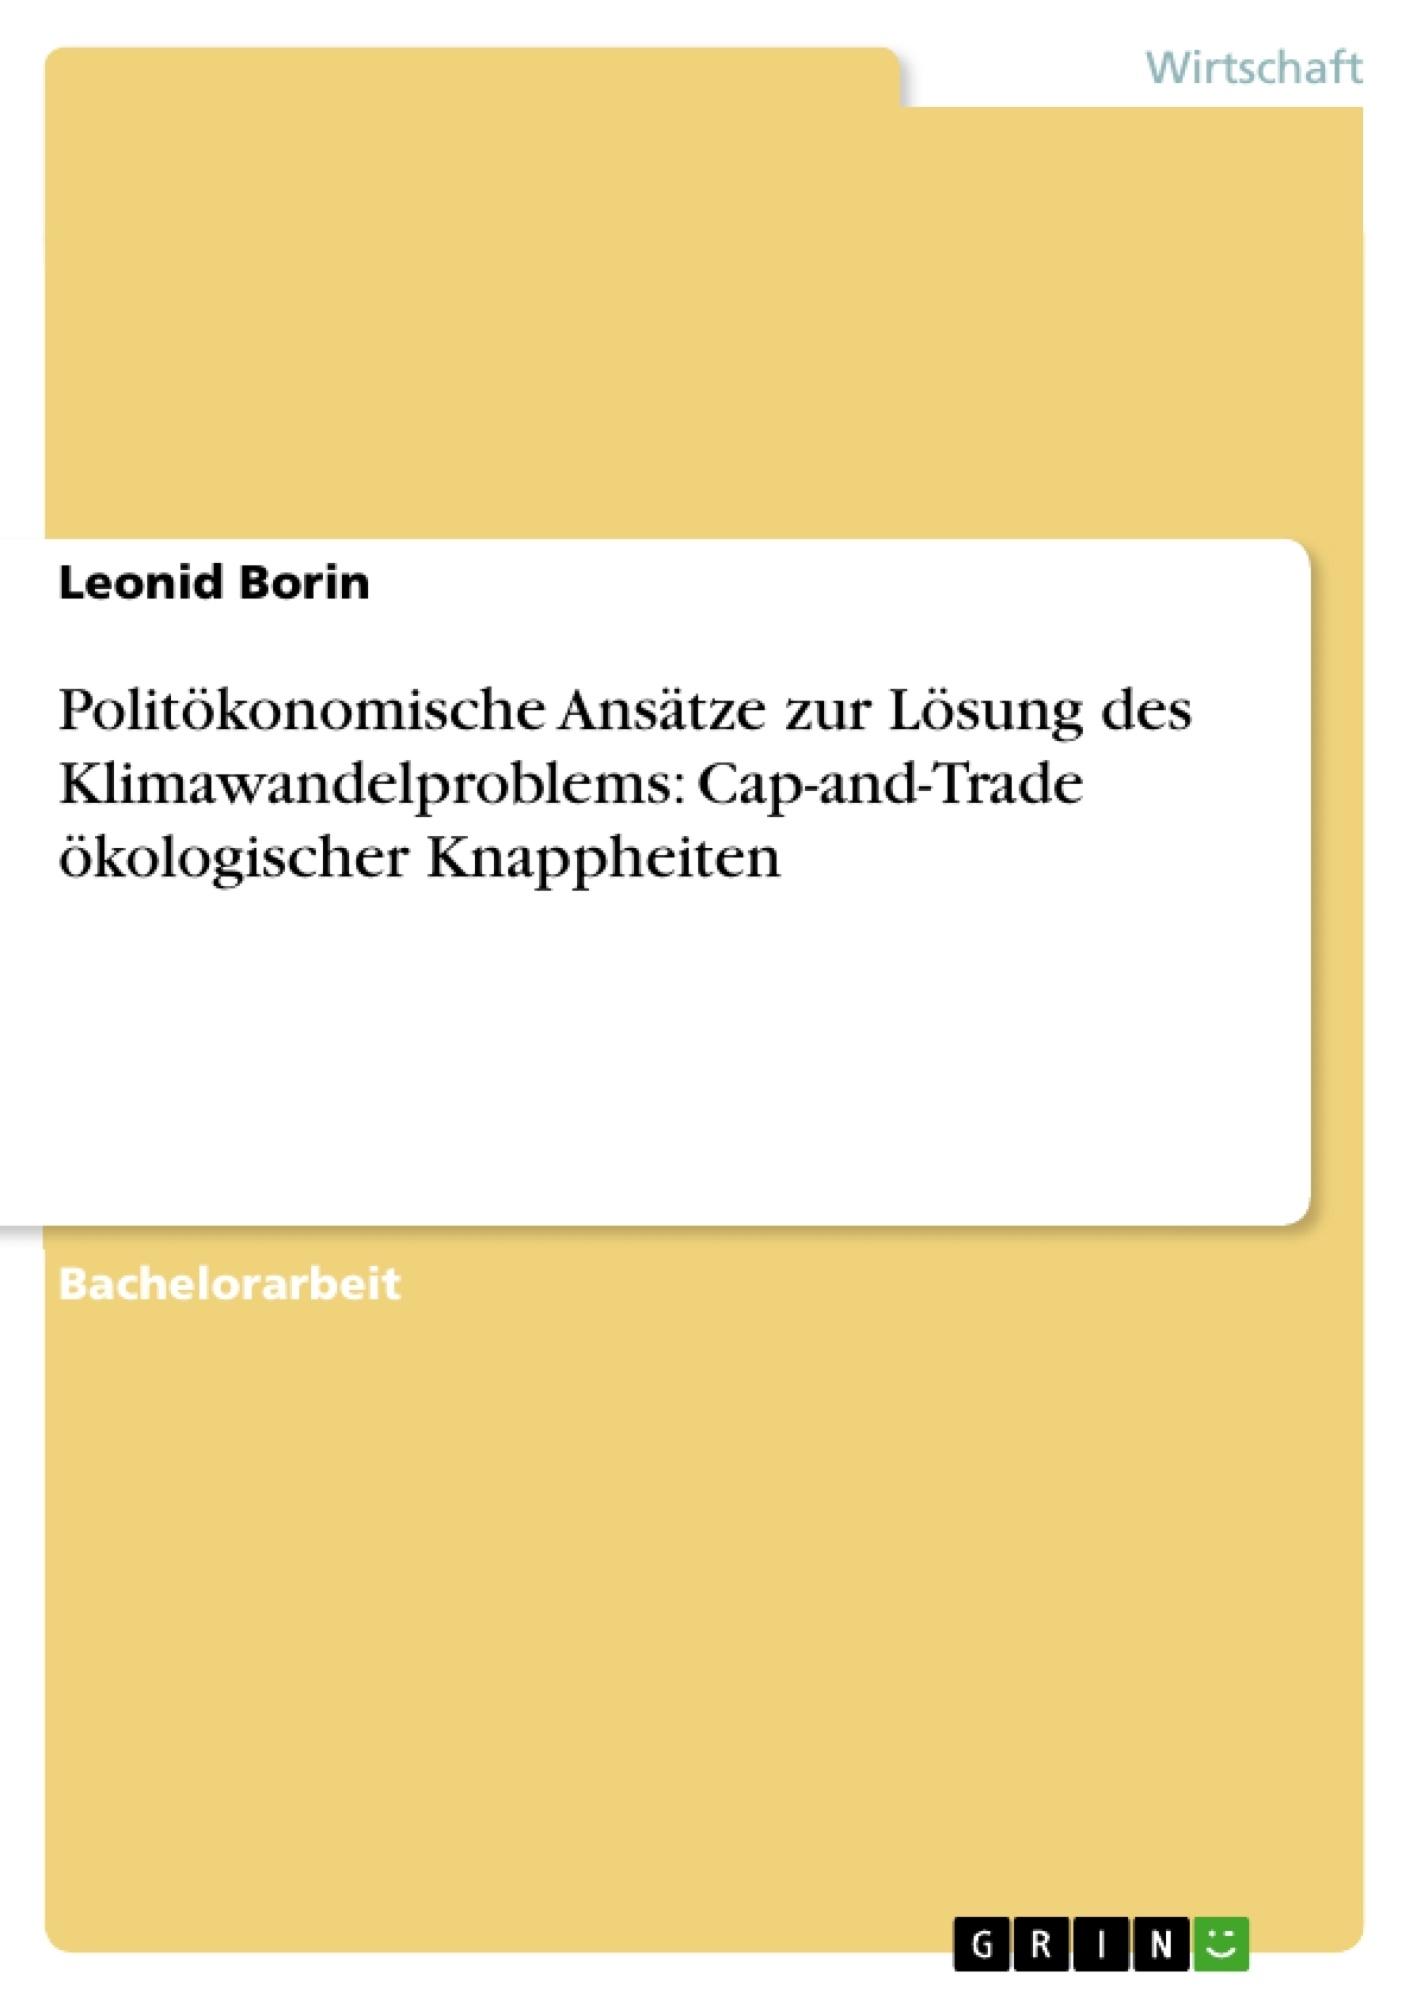 Titel: Politökonomische Ansätze zur Lösung des Klimawandelproblems: Cap-and-Trade ökologischer Knappheiten